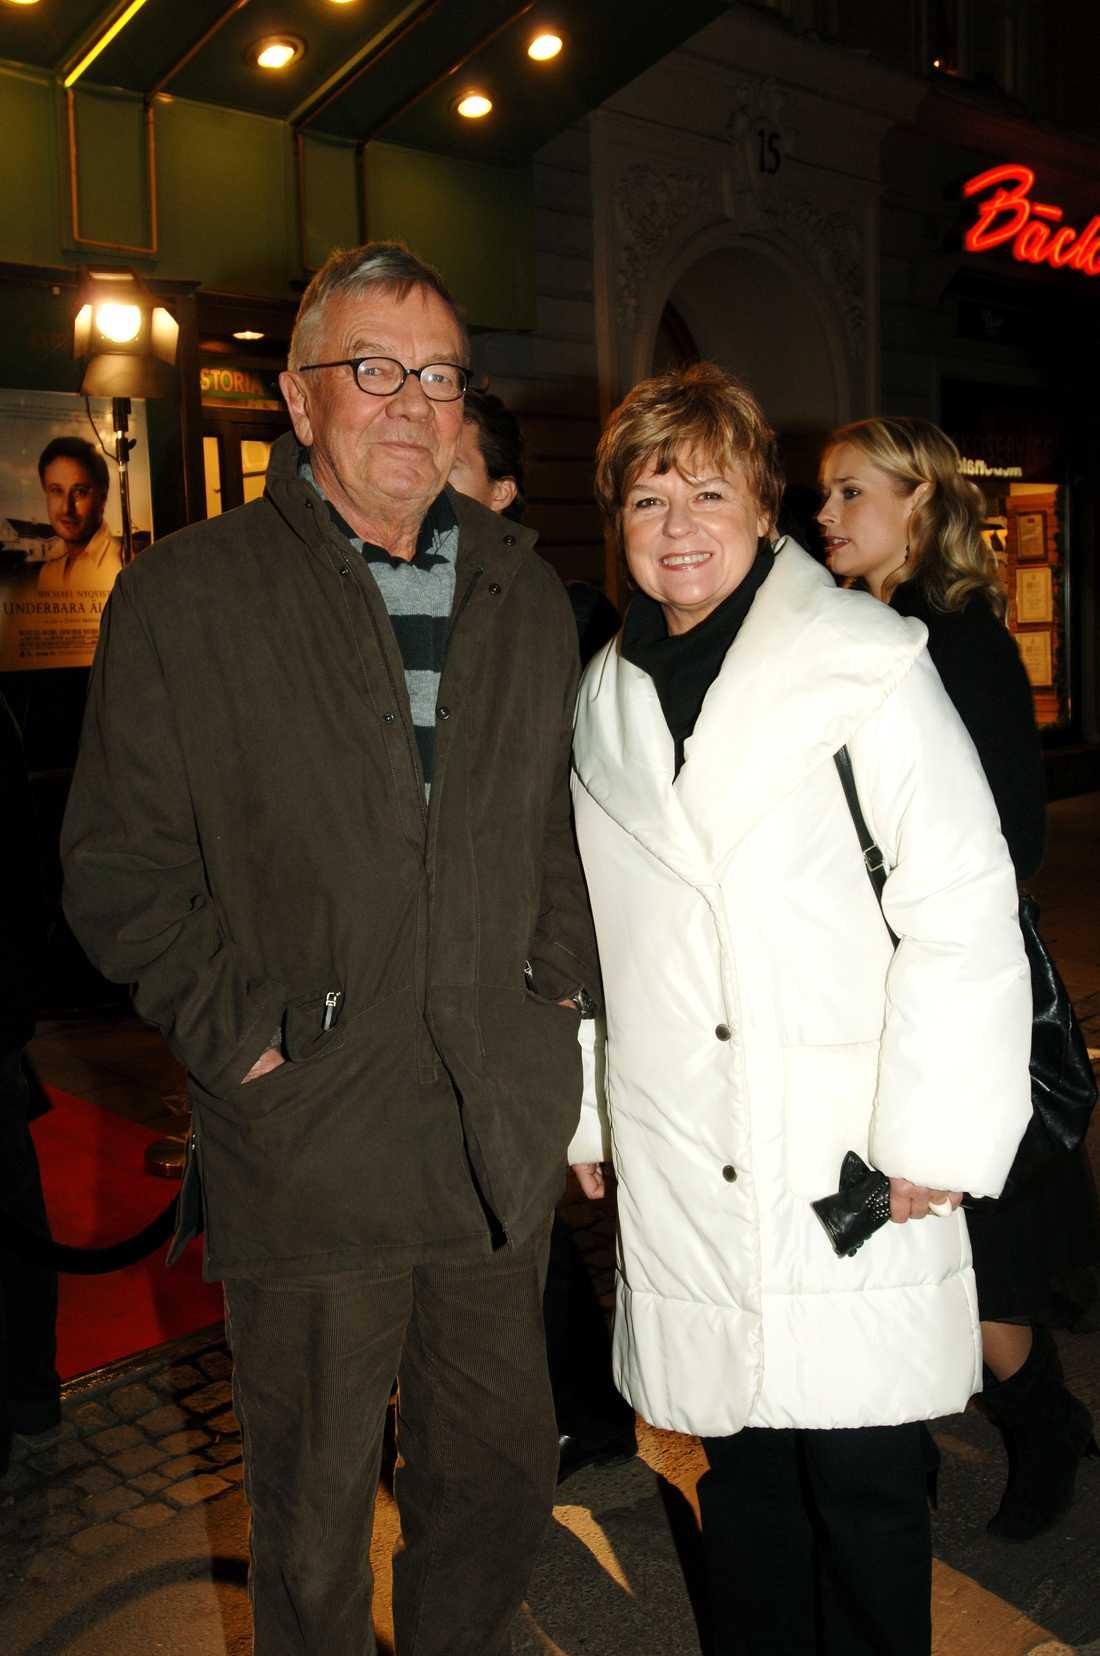 Den kända författaren och journalisten Anders Ehnmark har avlidit. Det bekräftar hans hustru Annika Hagström